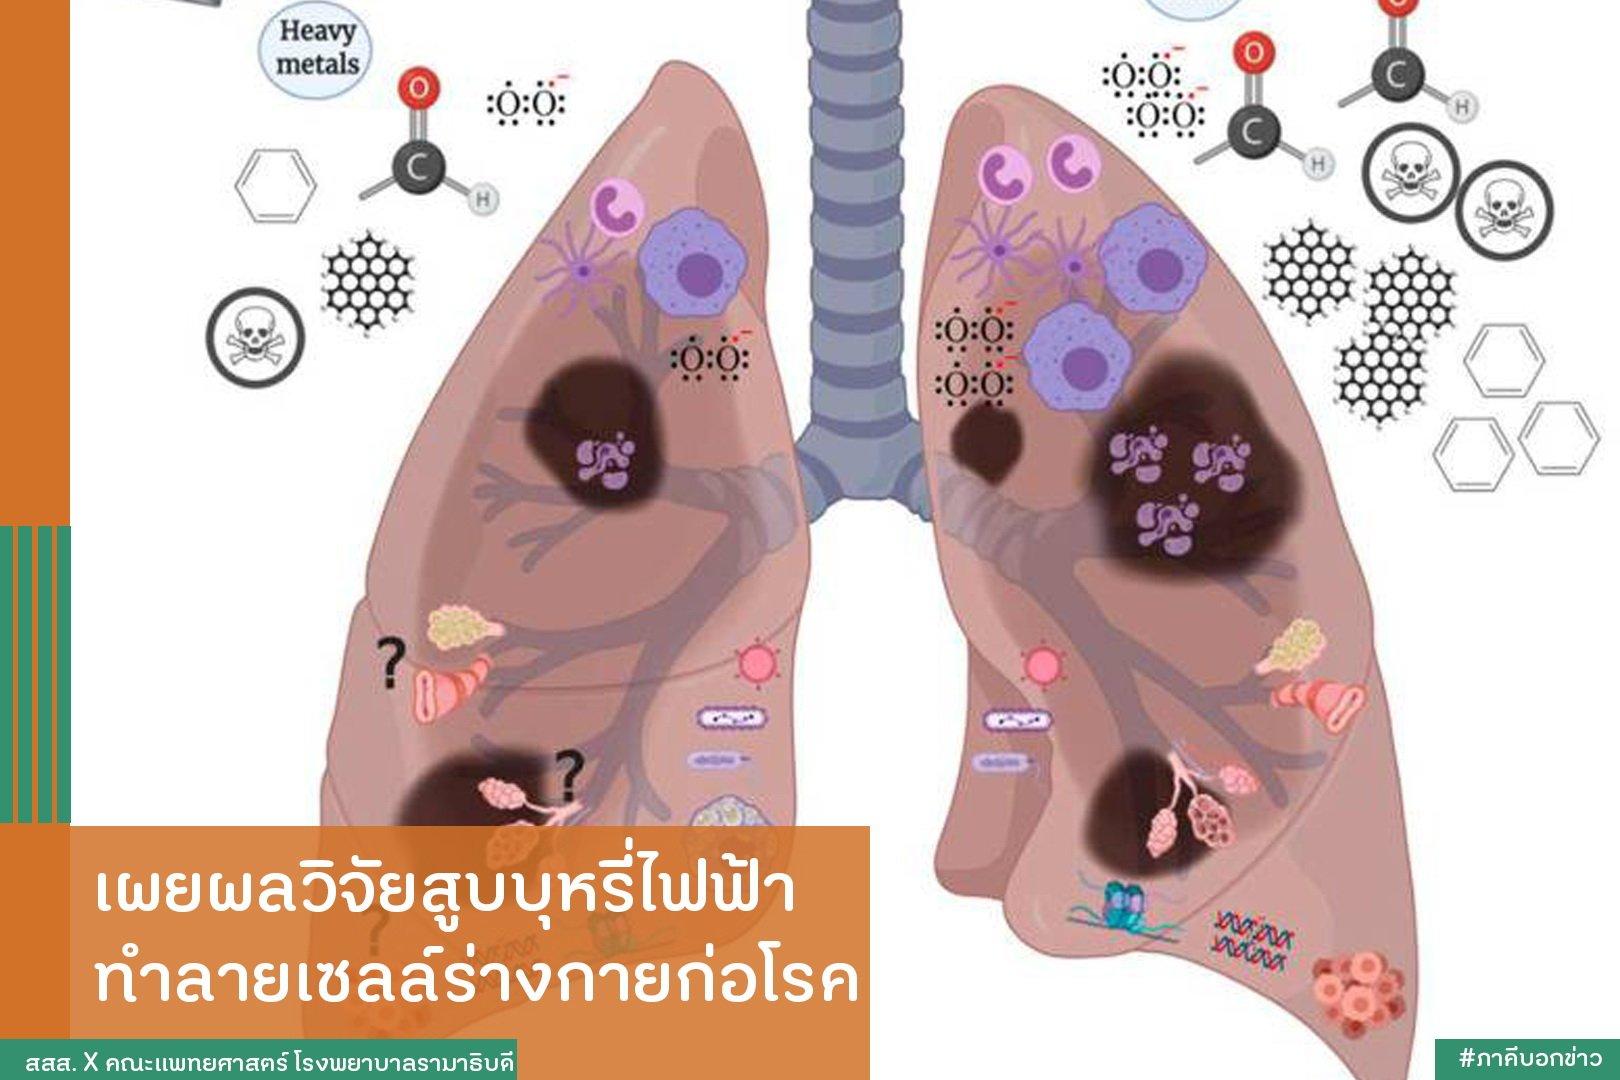 เผยผลวิจัยสูบบุหรี่ไฟฟ้า ทำลายเซลล์ร่างกายก่อโรค thaihealth